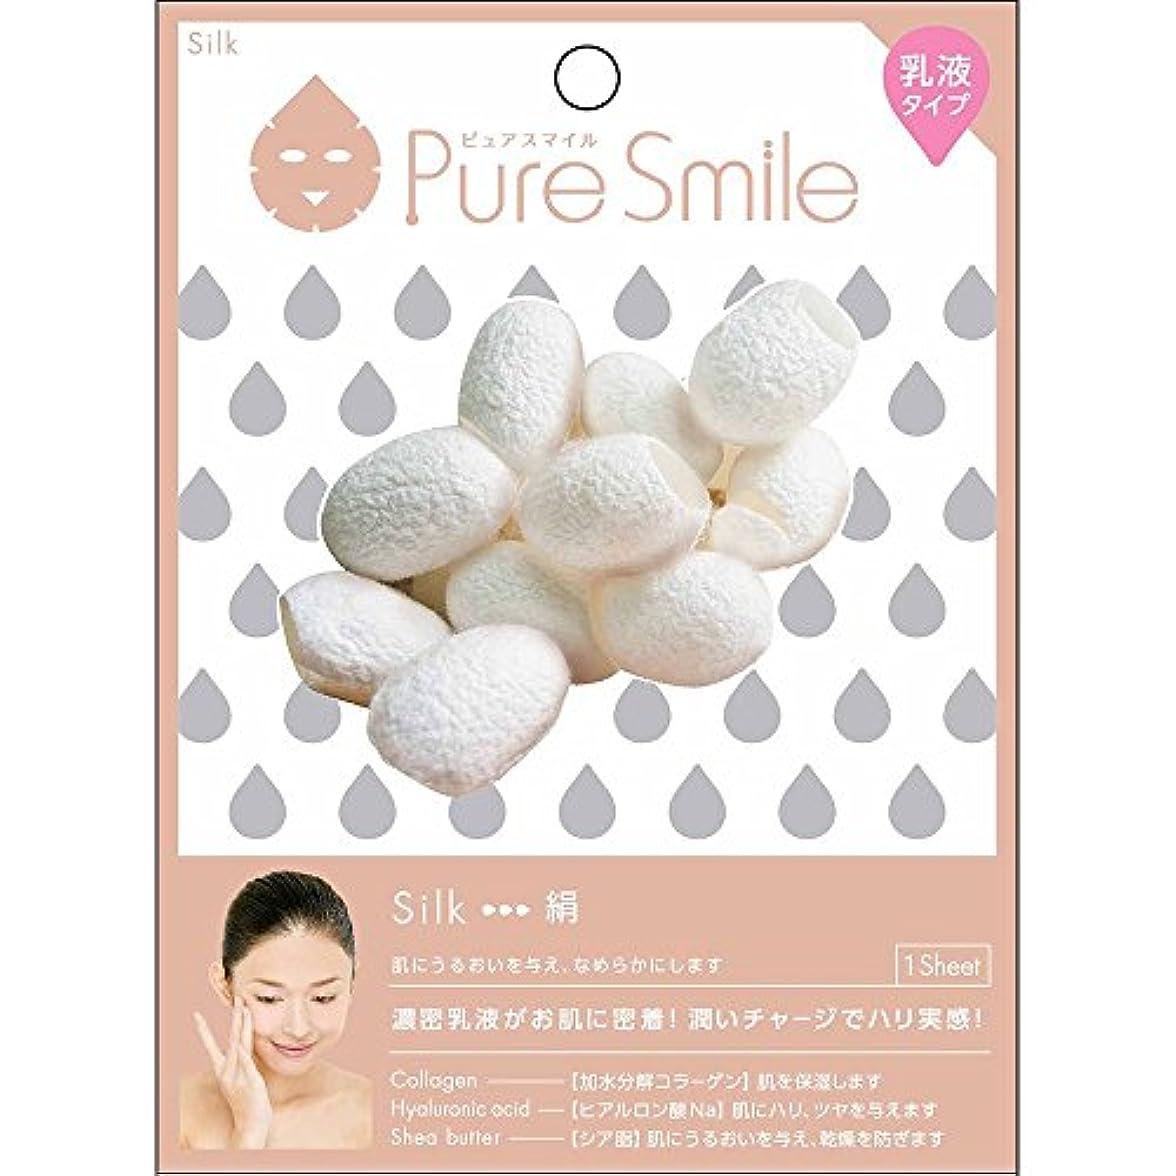 説教する王室策定するPure Smile(ピュアスマイル) 乳液エッセンスマスク 1 枚 絹